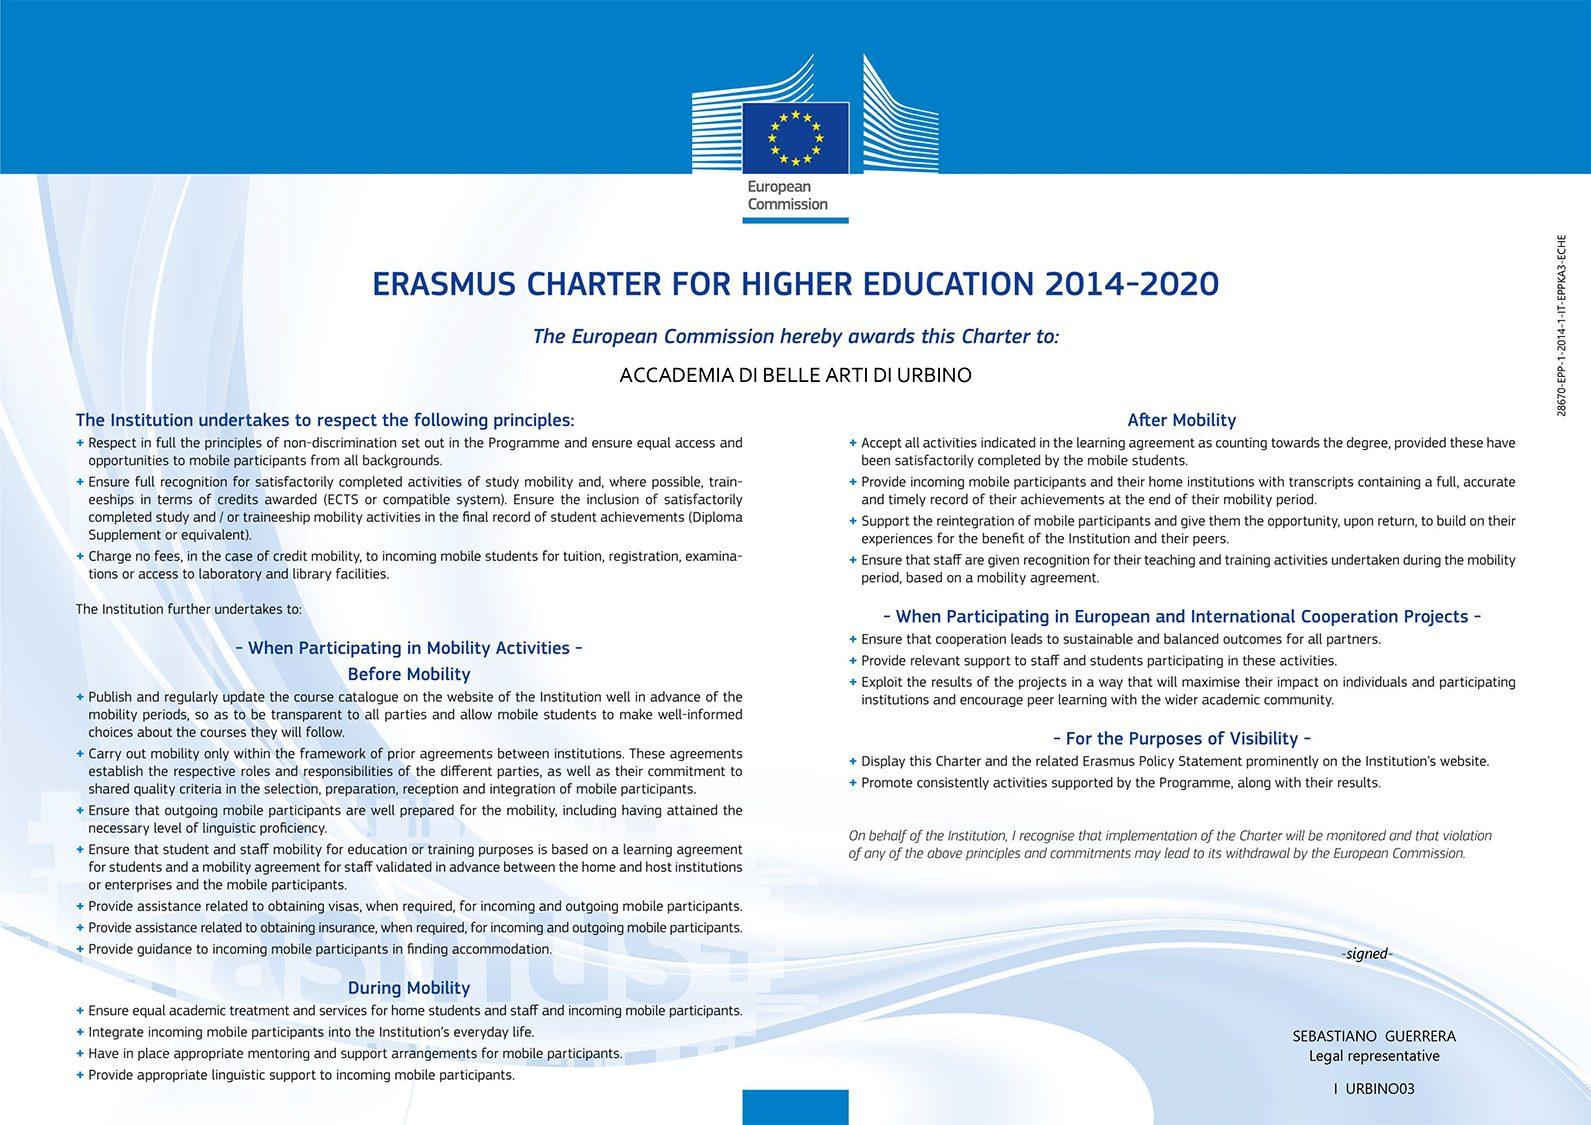 ECHE-Template-EN-Official-Erasmus-Charter